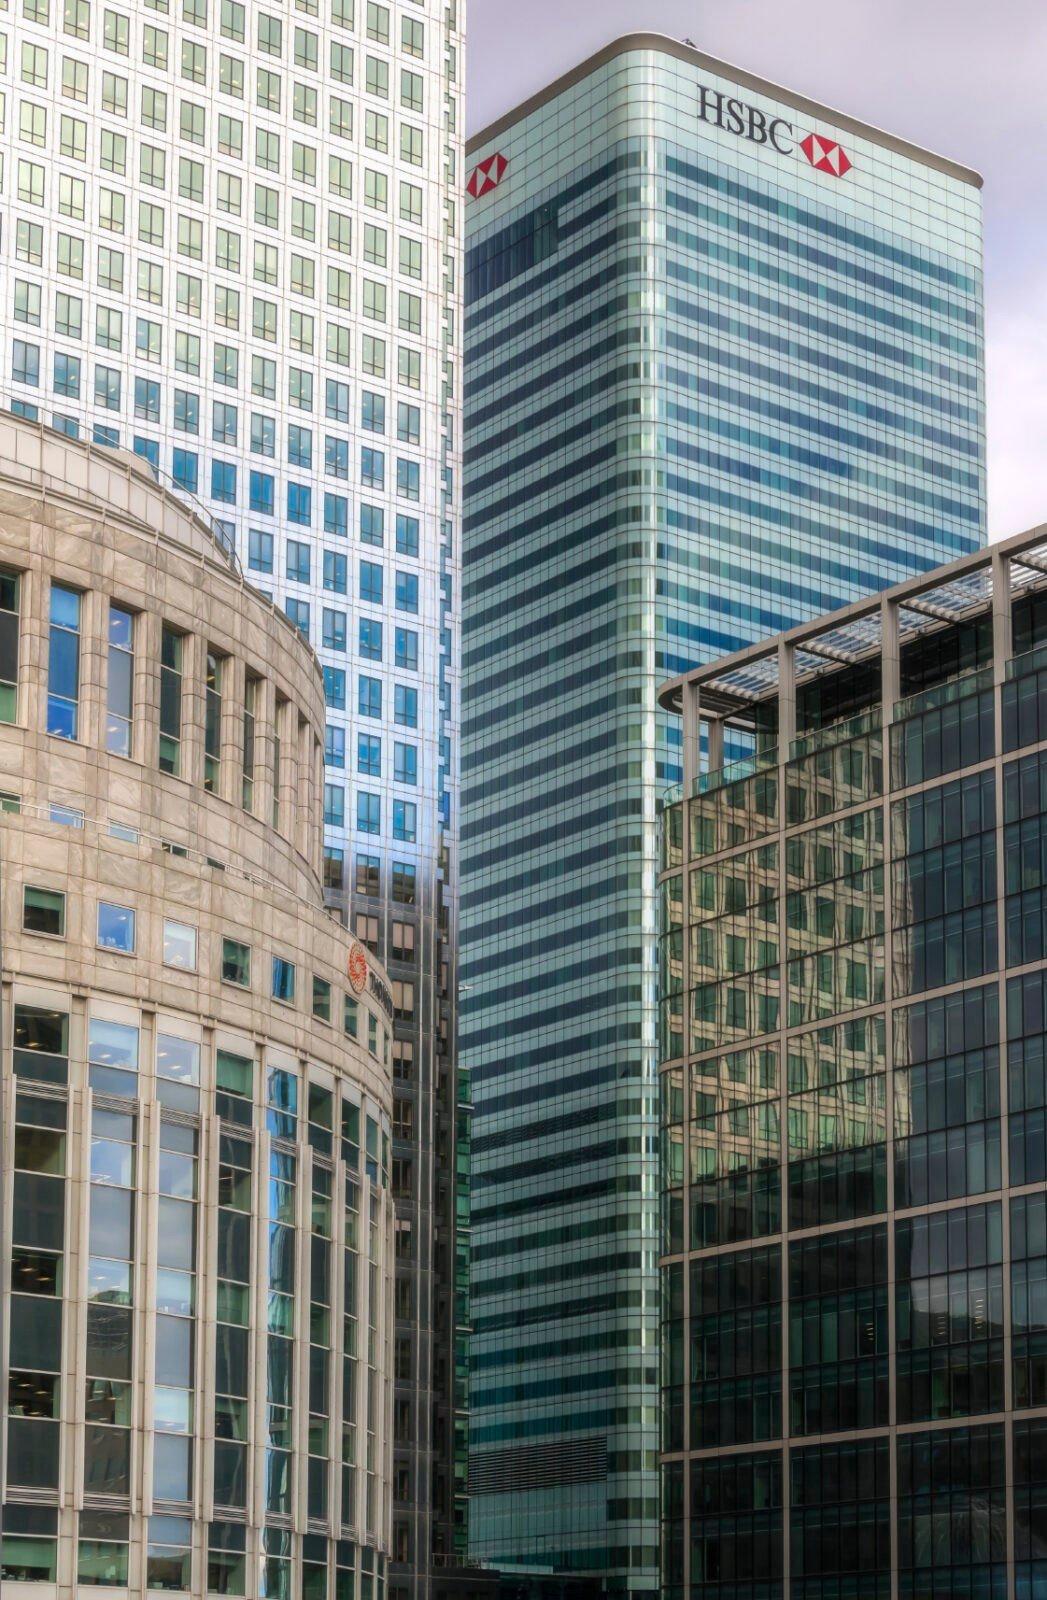 HSBC Head quarters